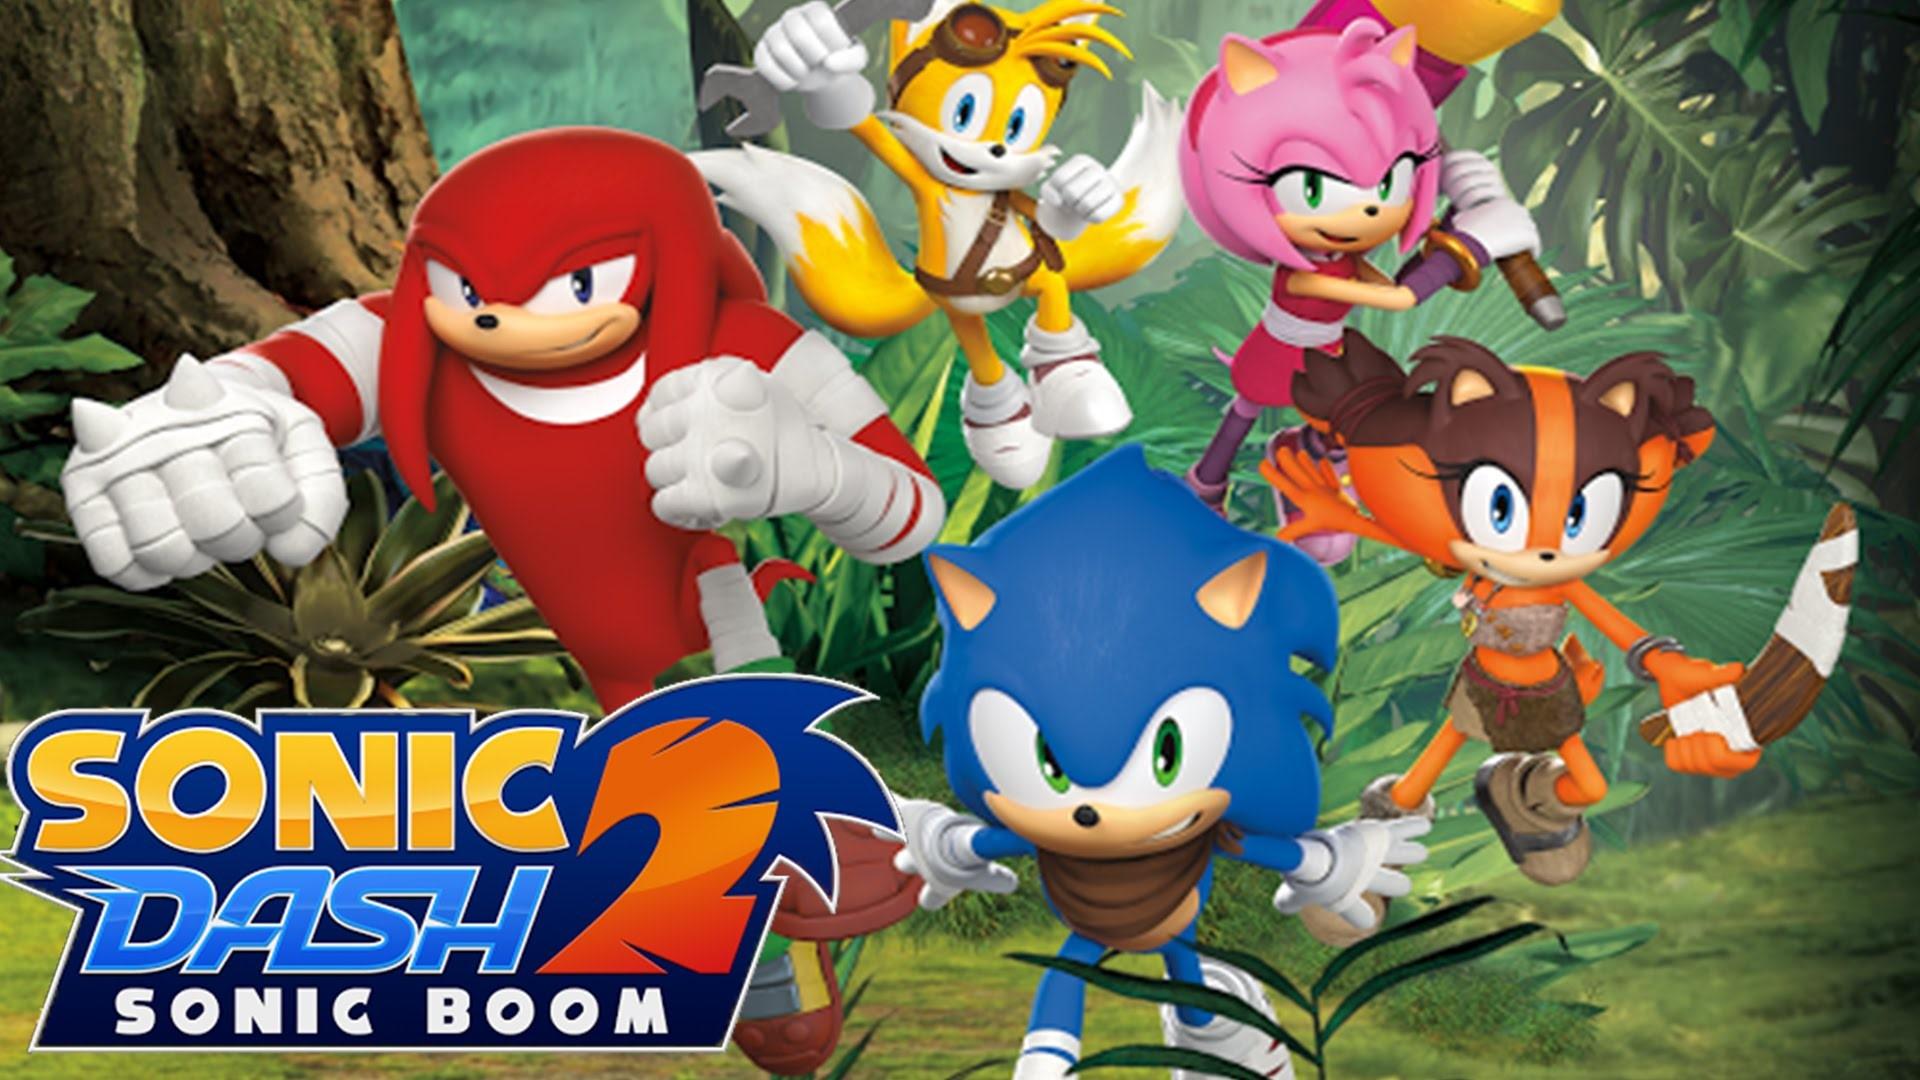 Trucos para conseguir rings y estrellas rojas en Sonic Dash 2